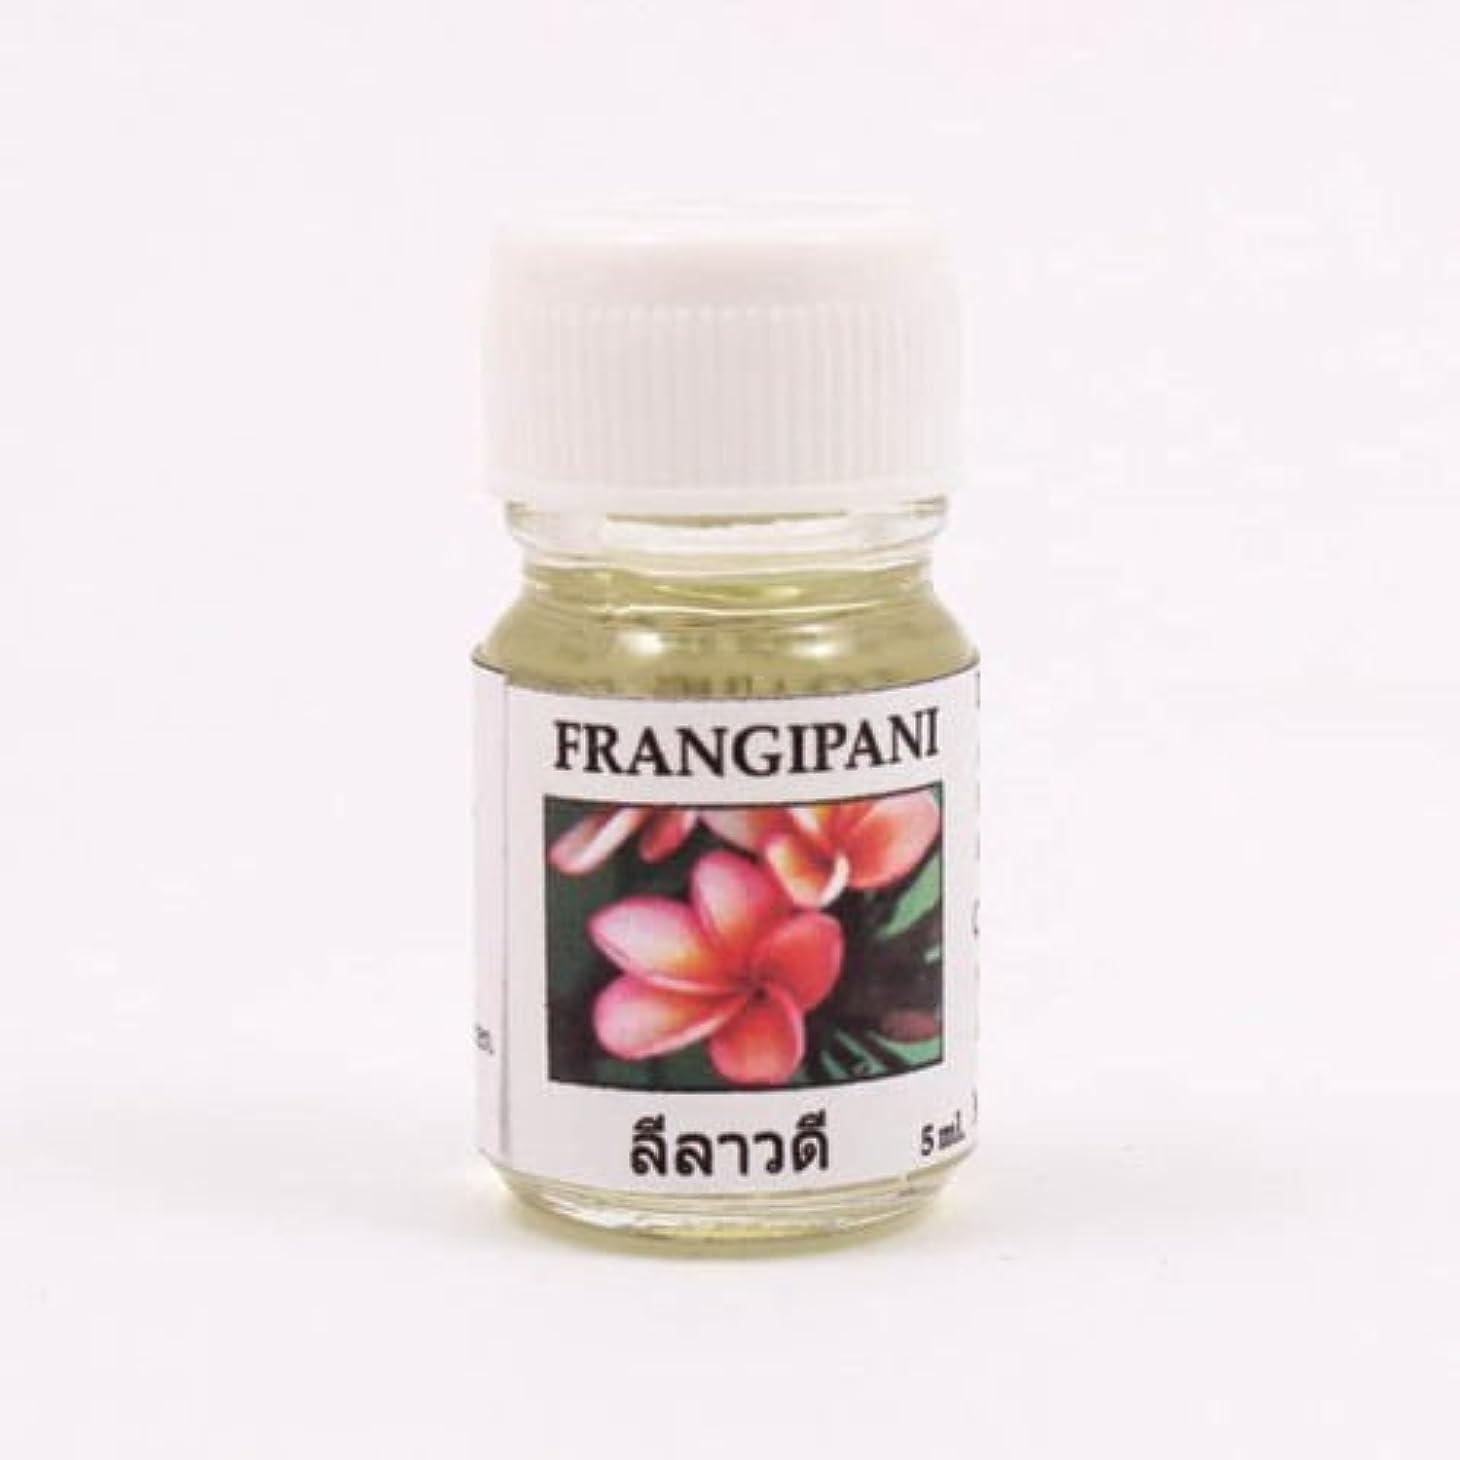 砲兵溶融よく話される6X Frangipani Aroma Fragrance Essential Oil 5ML. Diffuser Burner Therapy